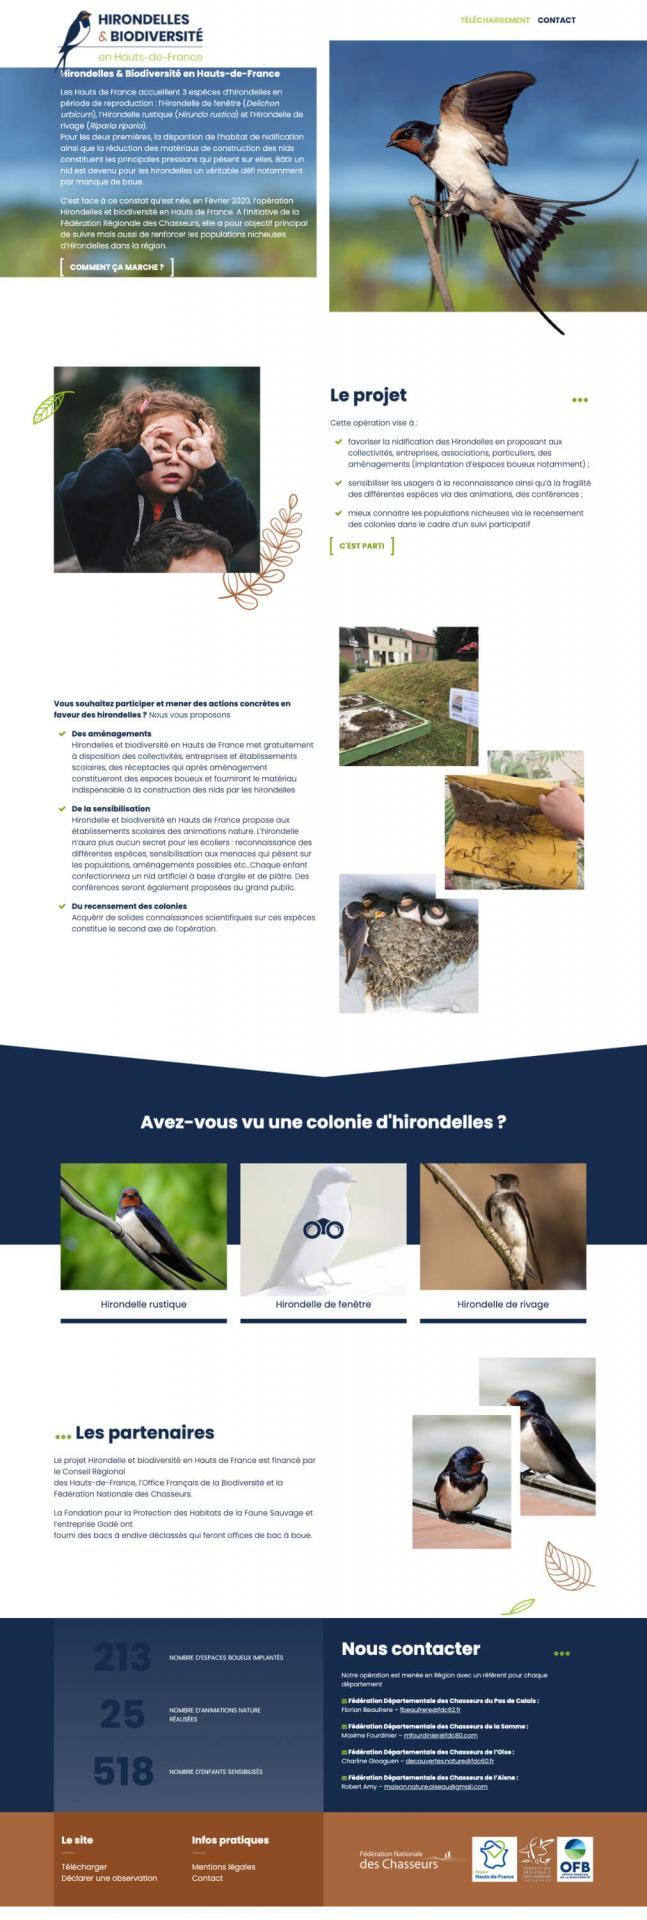 Site hirondelles et biodiversite